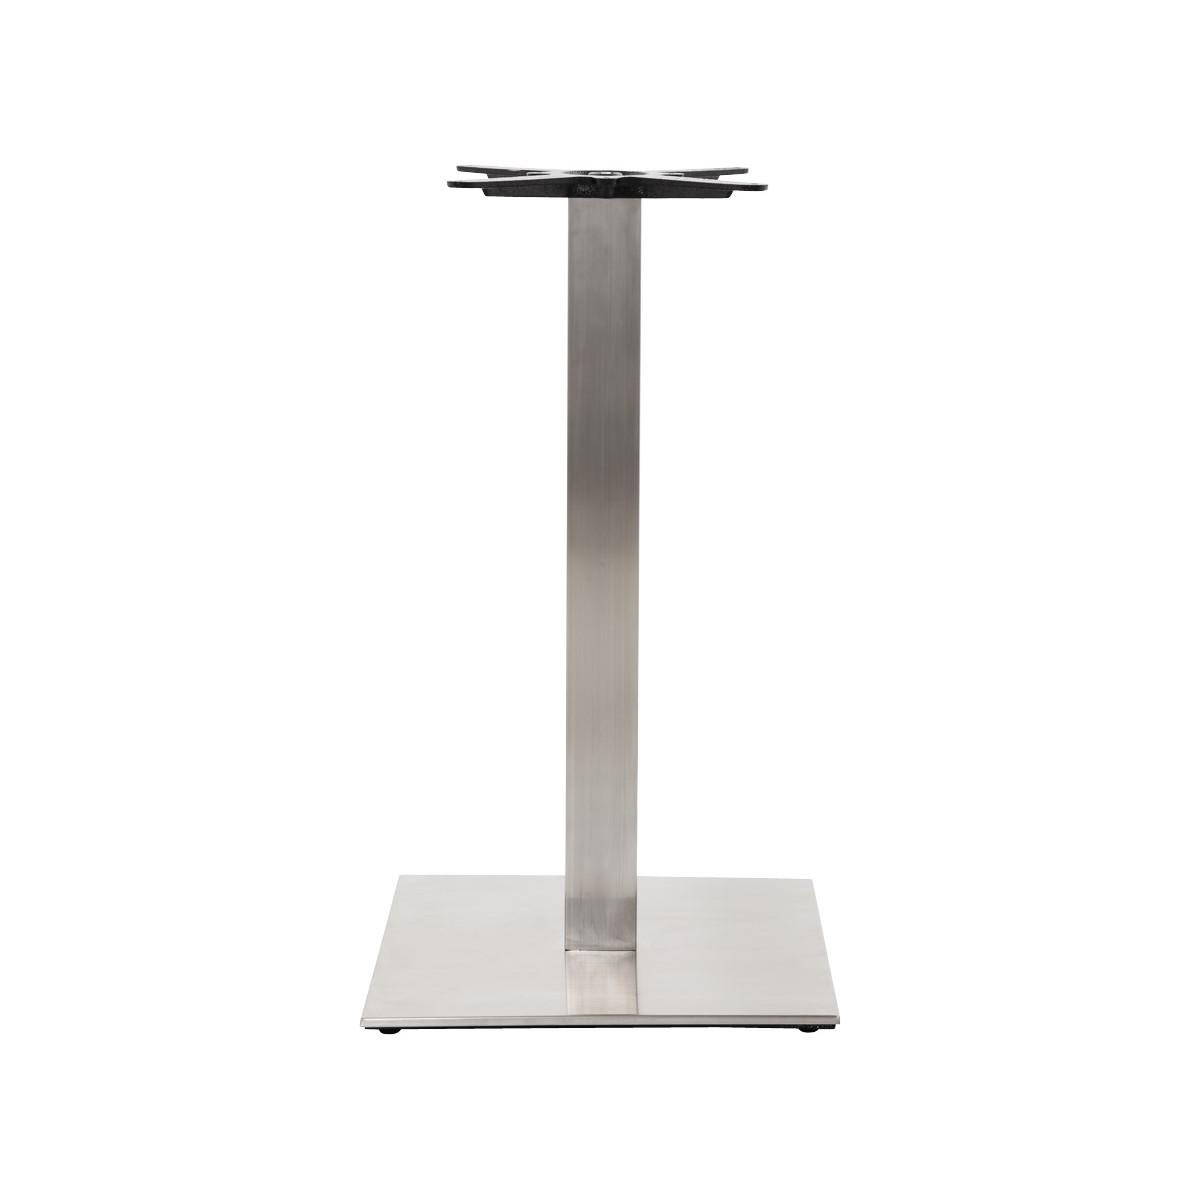 Pied De Table Metal Carré : pied de table pary carr en m tal acier fran ais french ~ Teatrodelosmanantiales.com Idées de Décoration